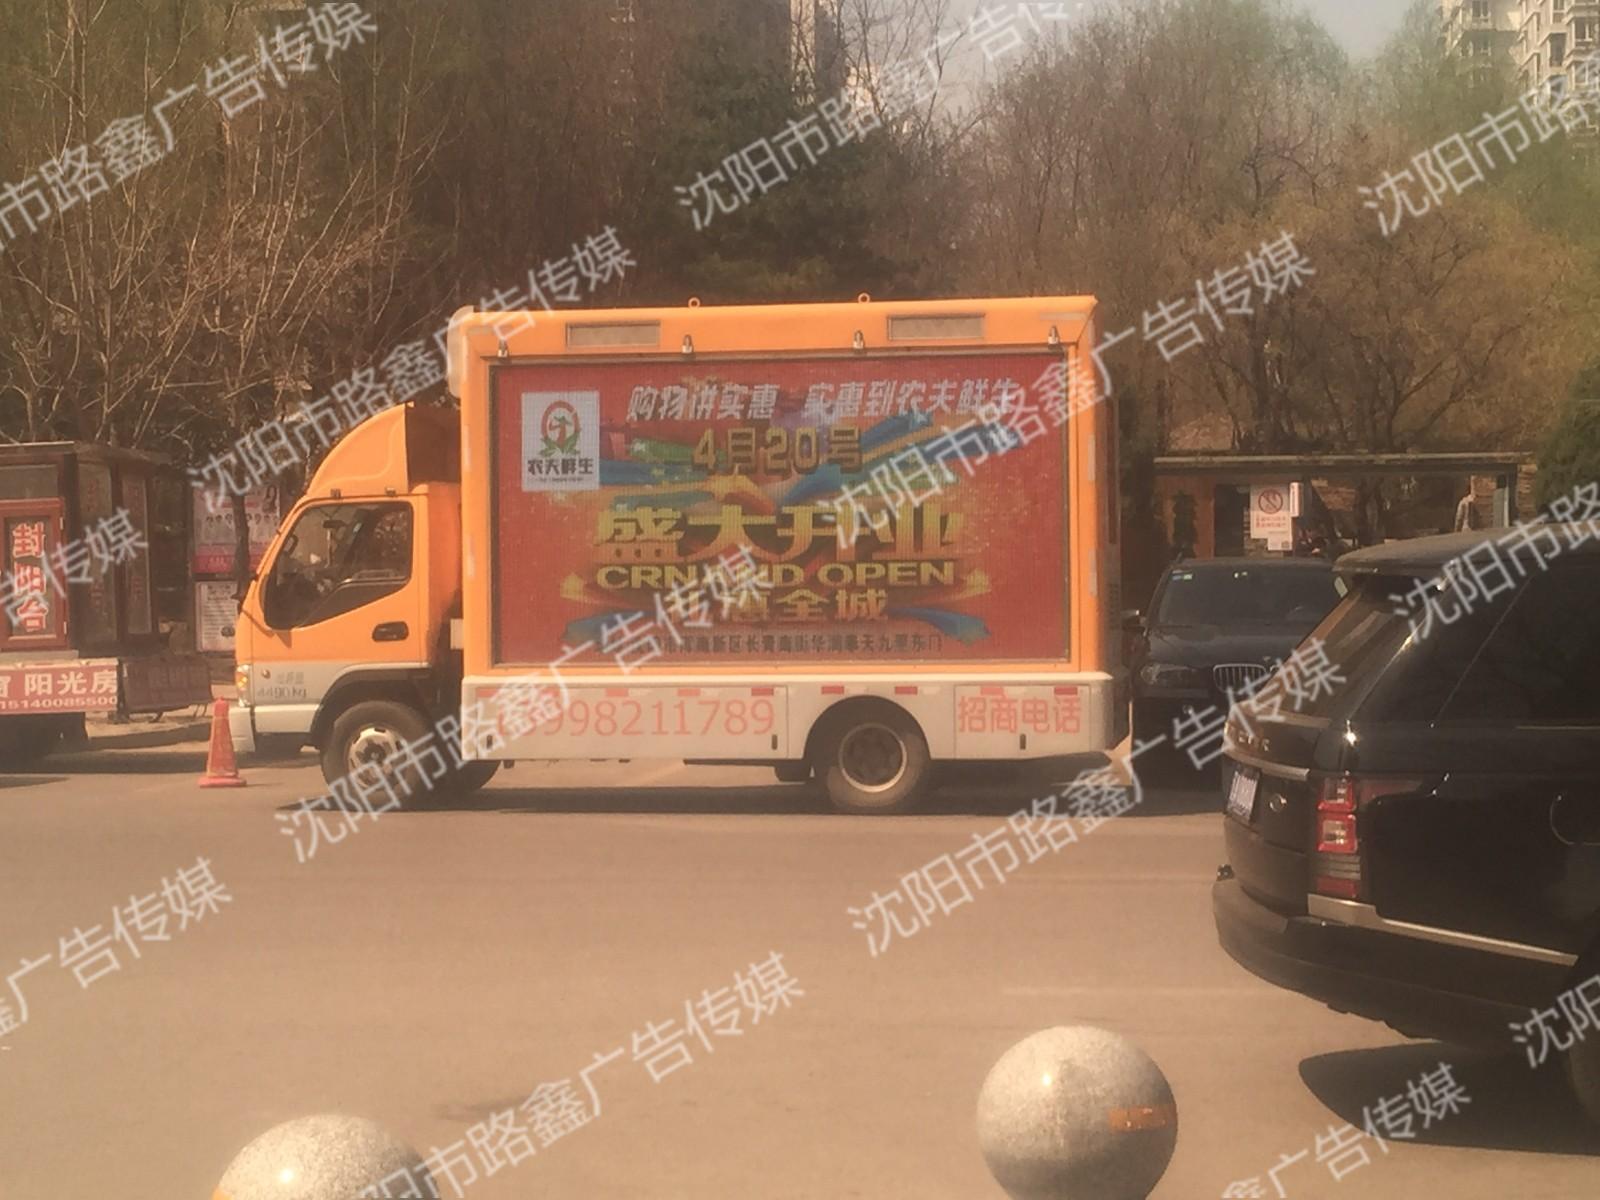 农夫鲜生生鲜连锁超市|成功案例-沈阳市路鑫广告传媒有限公司